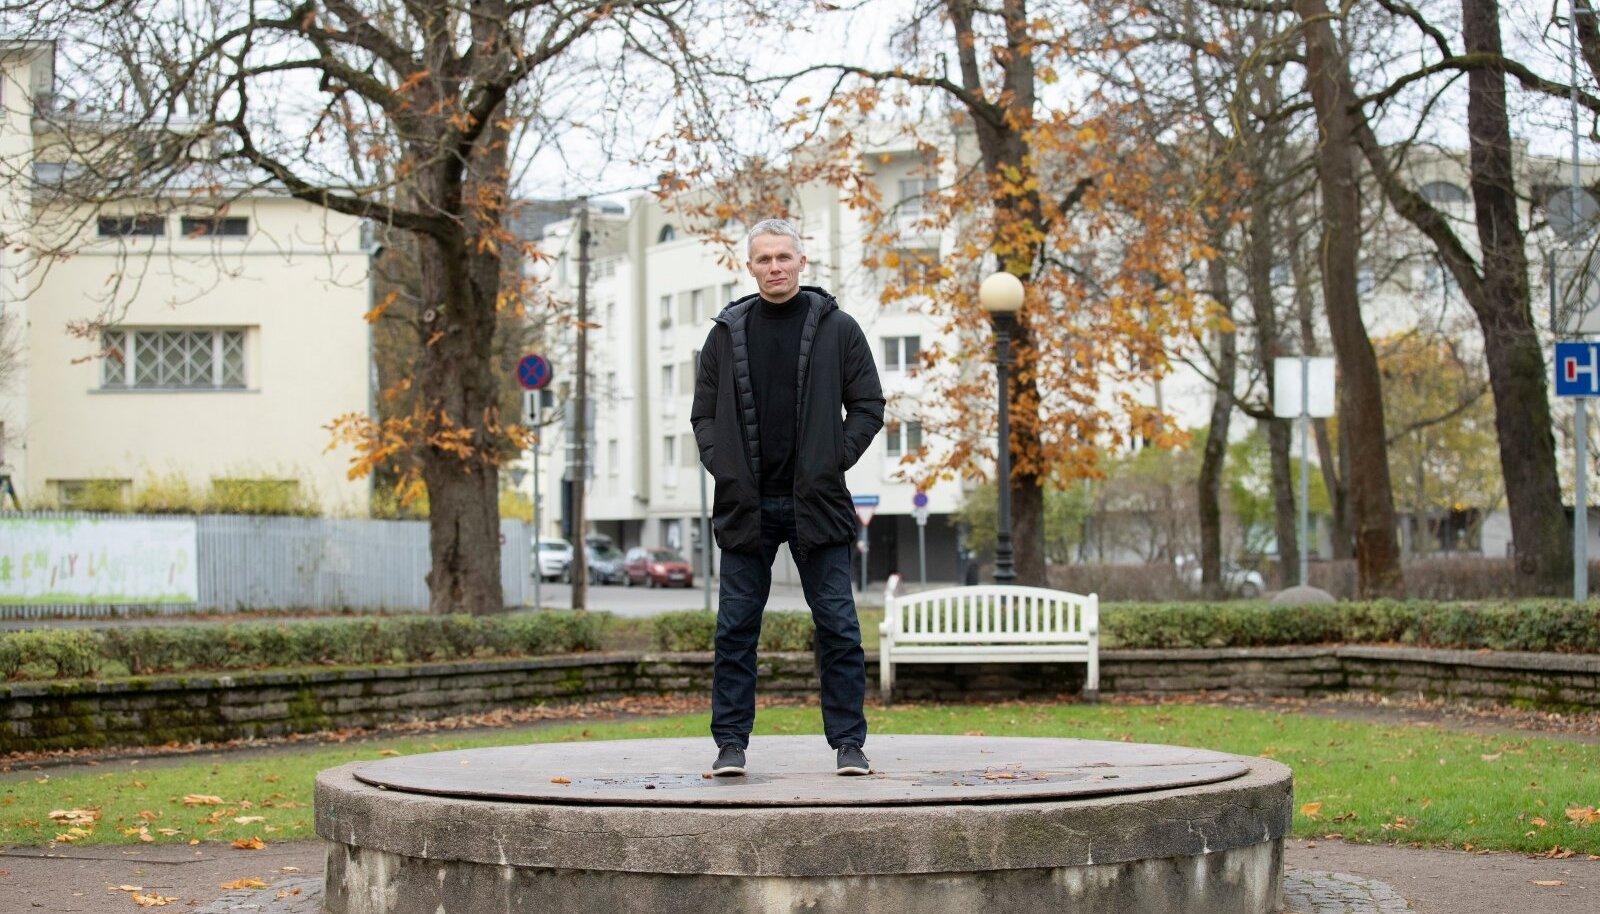 Tarmo Jüristo ütleb, et tal ei olnud mingisugust isu Praxise juhtimist ja kõiki muid oma asjatoimetusi kõrvale jätta, et abielureferendumi temaatikale keskenduda. Aga olukord ühiskonnas ei jätnud talle muud võimalust.